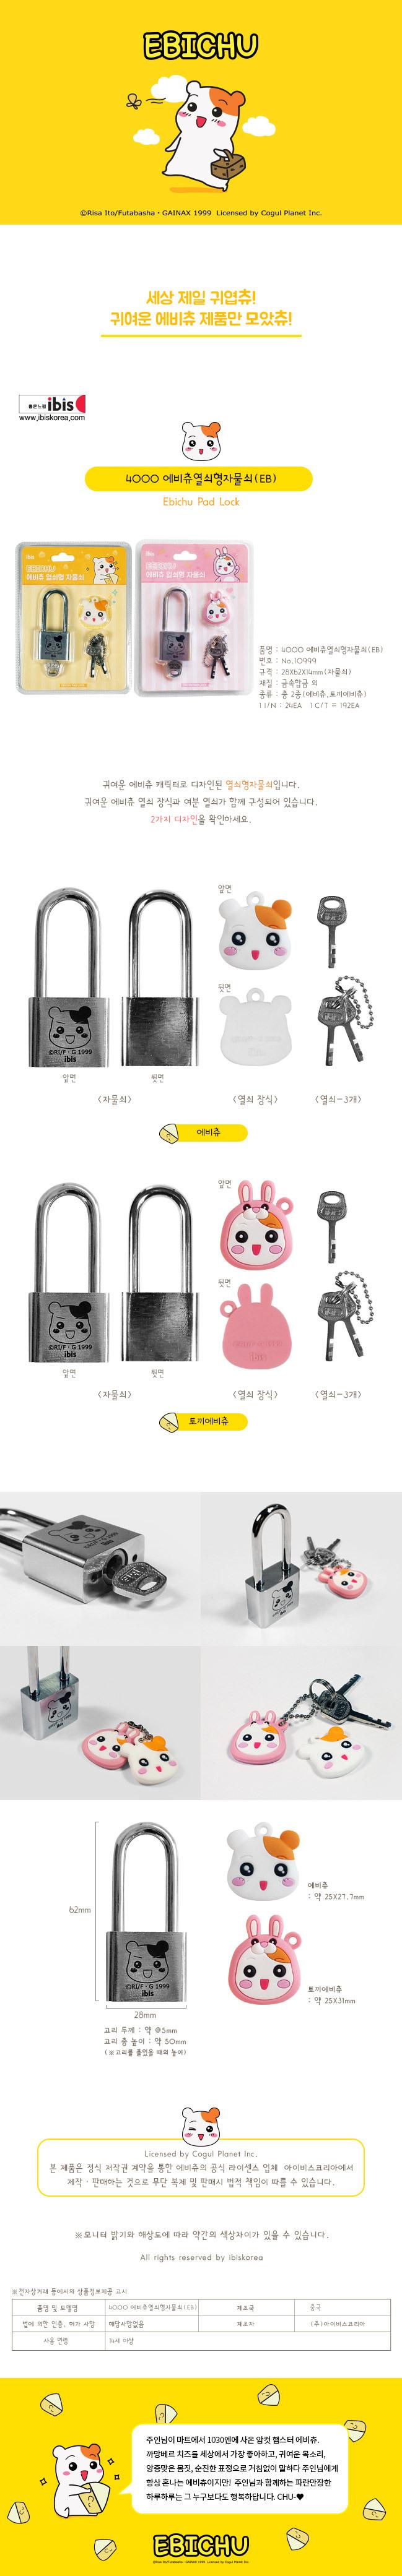 4000 에비츄열쇠형자물쇠(EB) - 아이비스코리아, 3,120원, 보호용품, 자물쇠